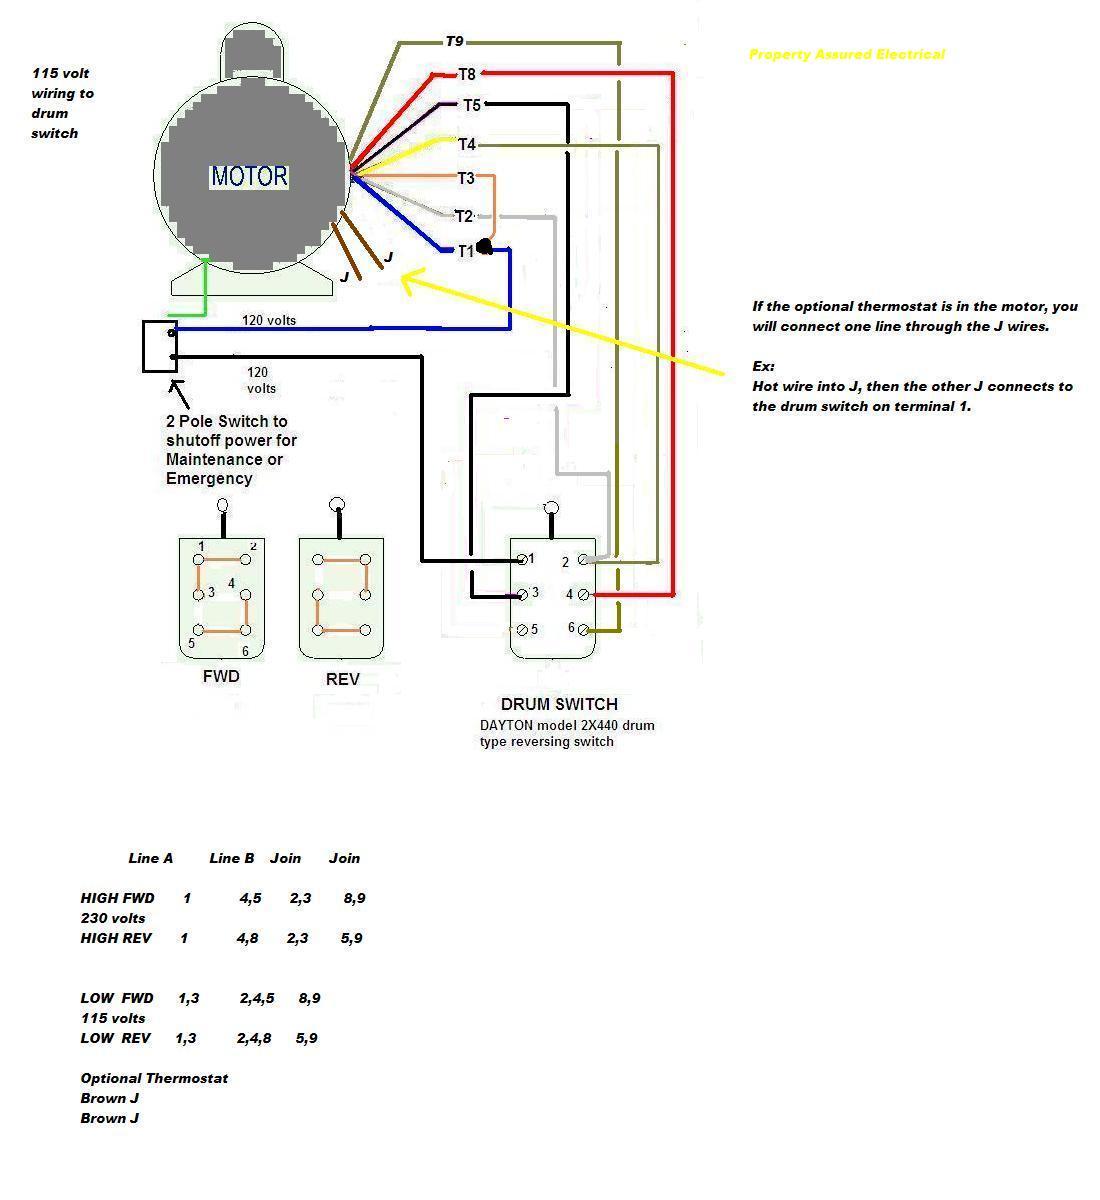 Electric Motor Wiring Diagram 220 To 110 Sample | Wiring Diagram Sample - Electric Motor Wiring Diagram 220 To 110